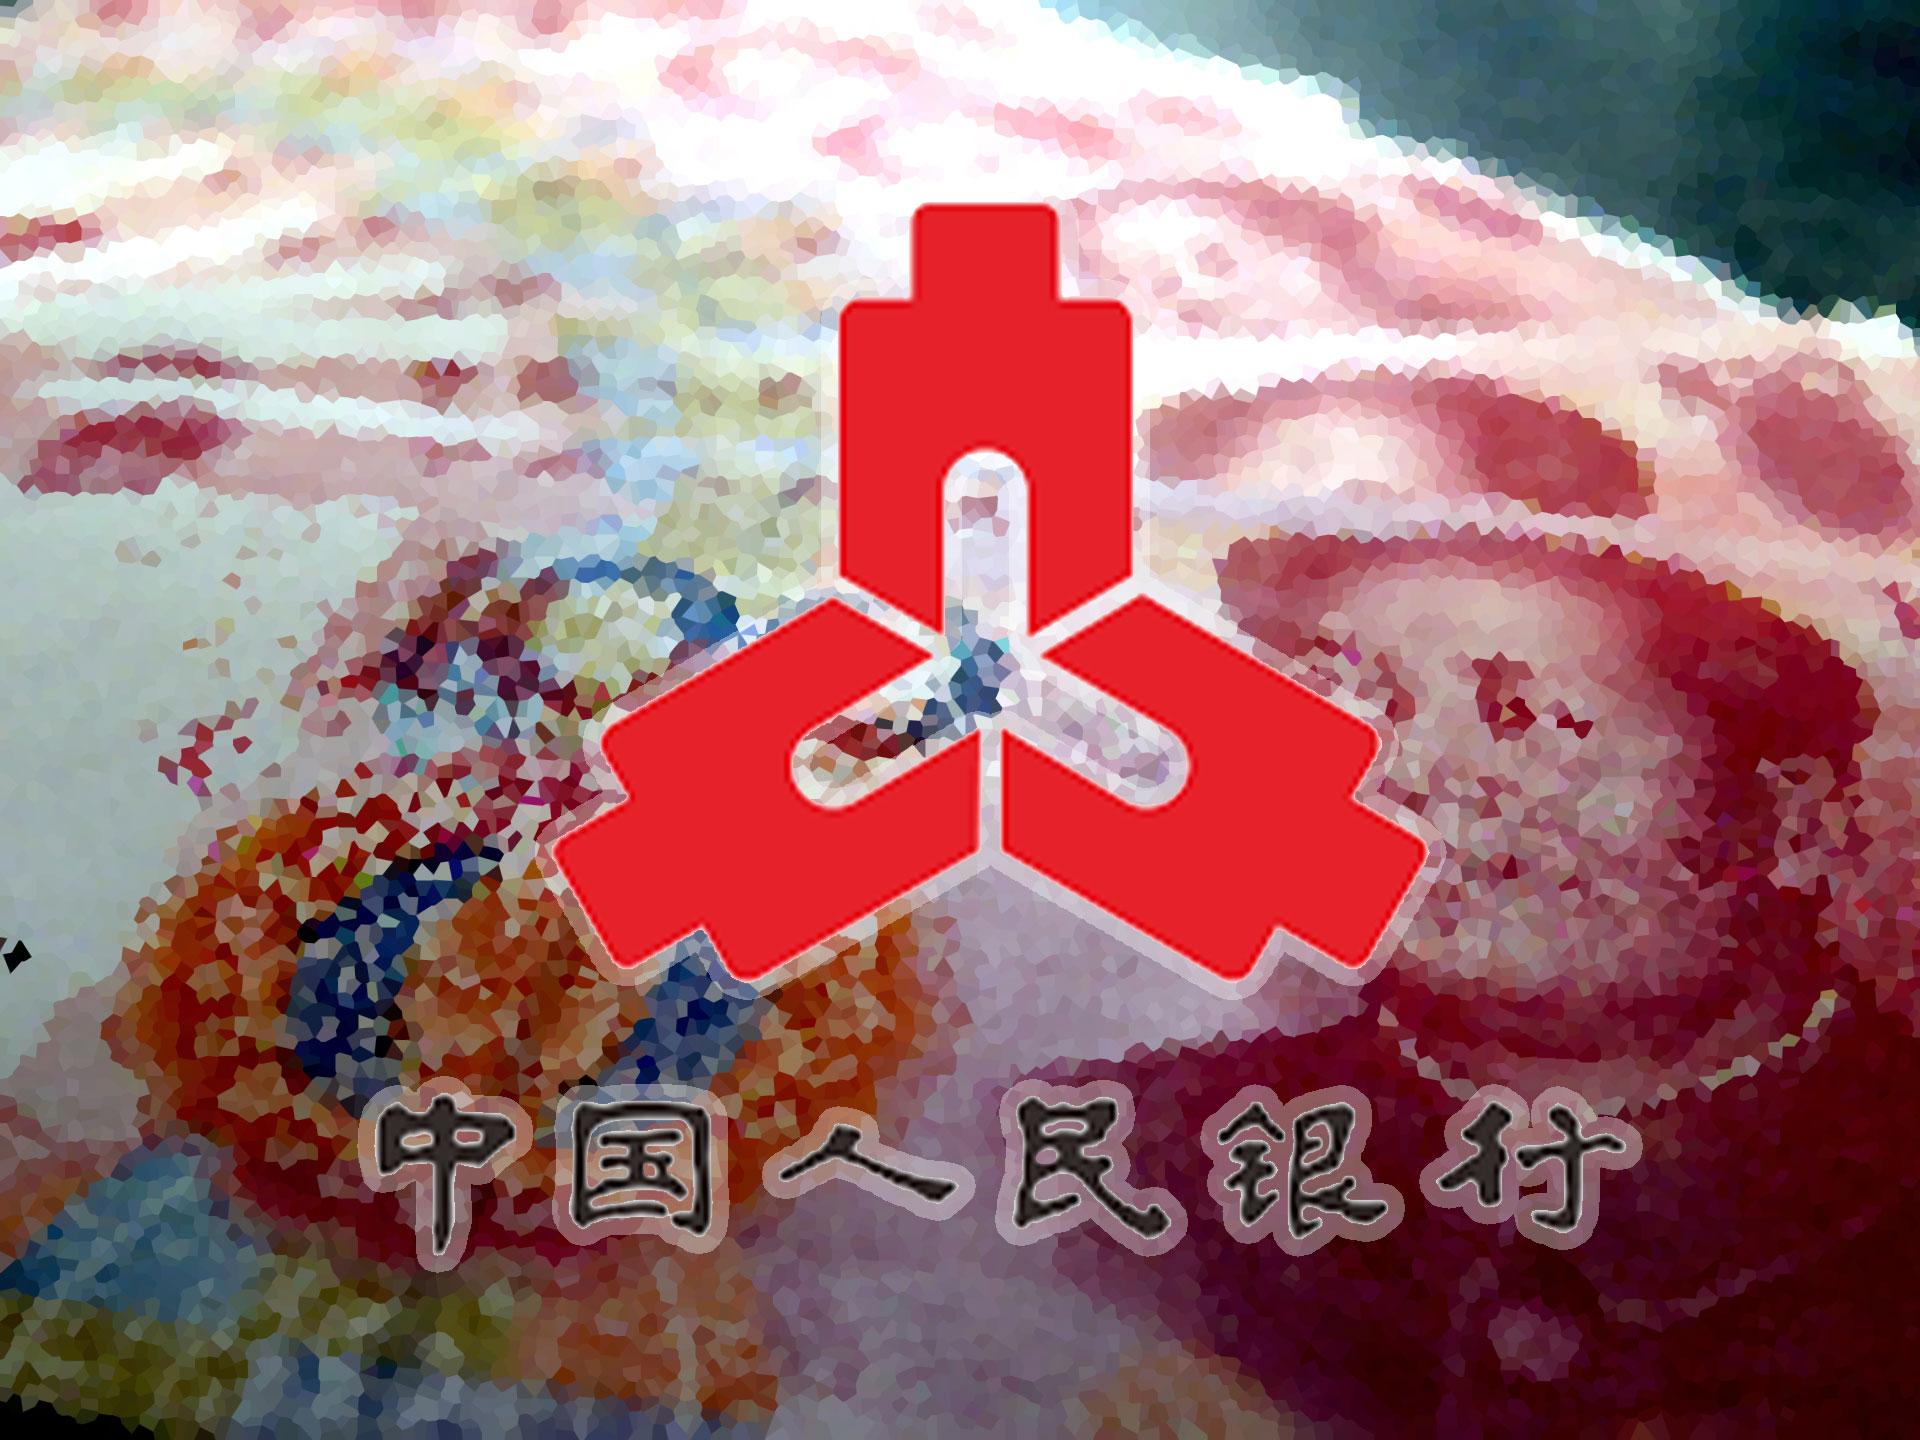 中国人民銀行、デジタル人民元の「基本設計および共同テストまで完了」を発表!